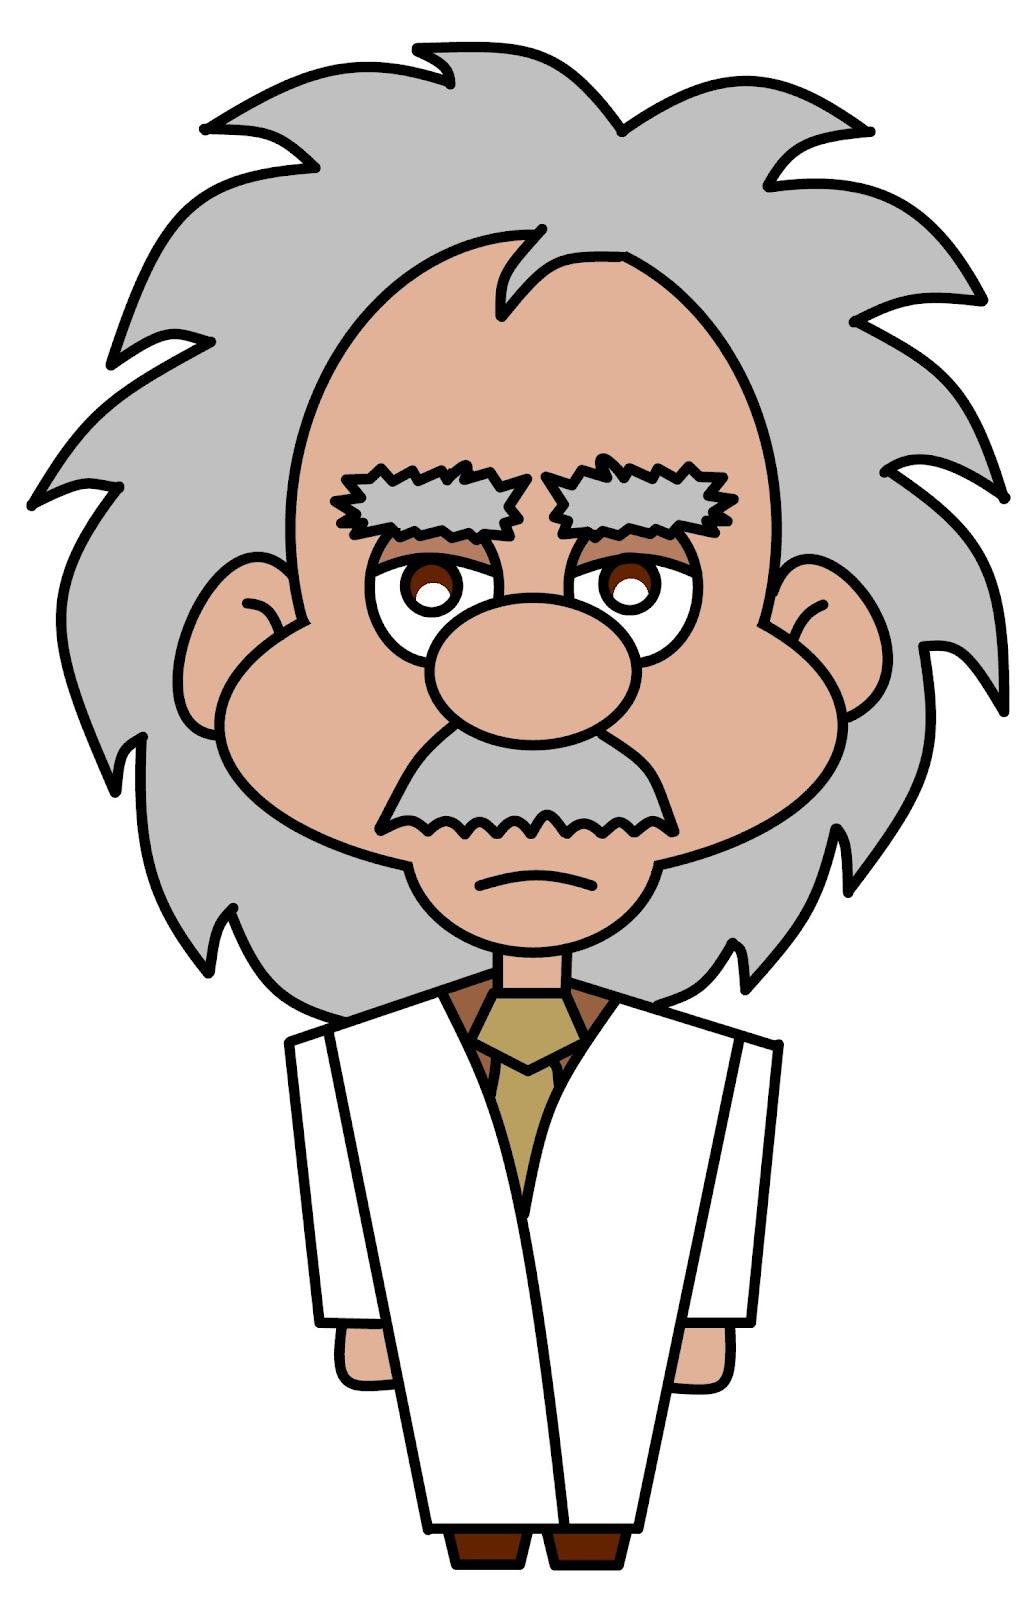 Albert Einstein Cartoon.